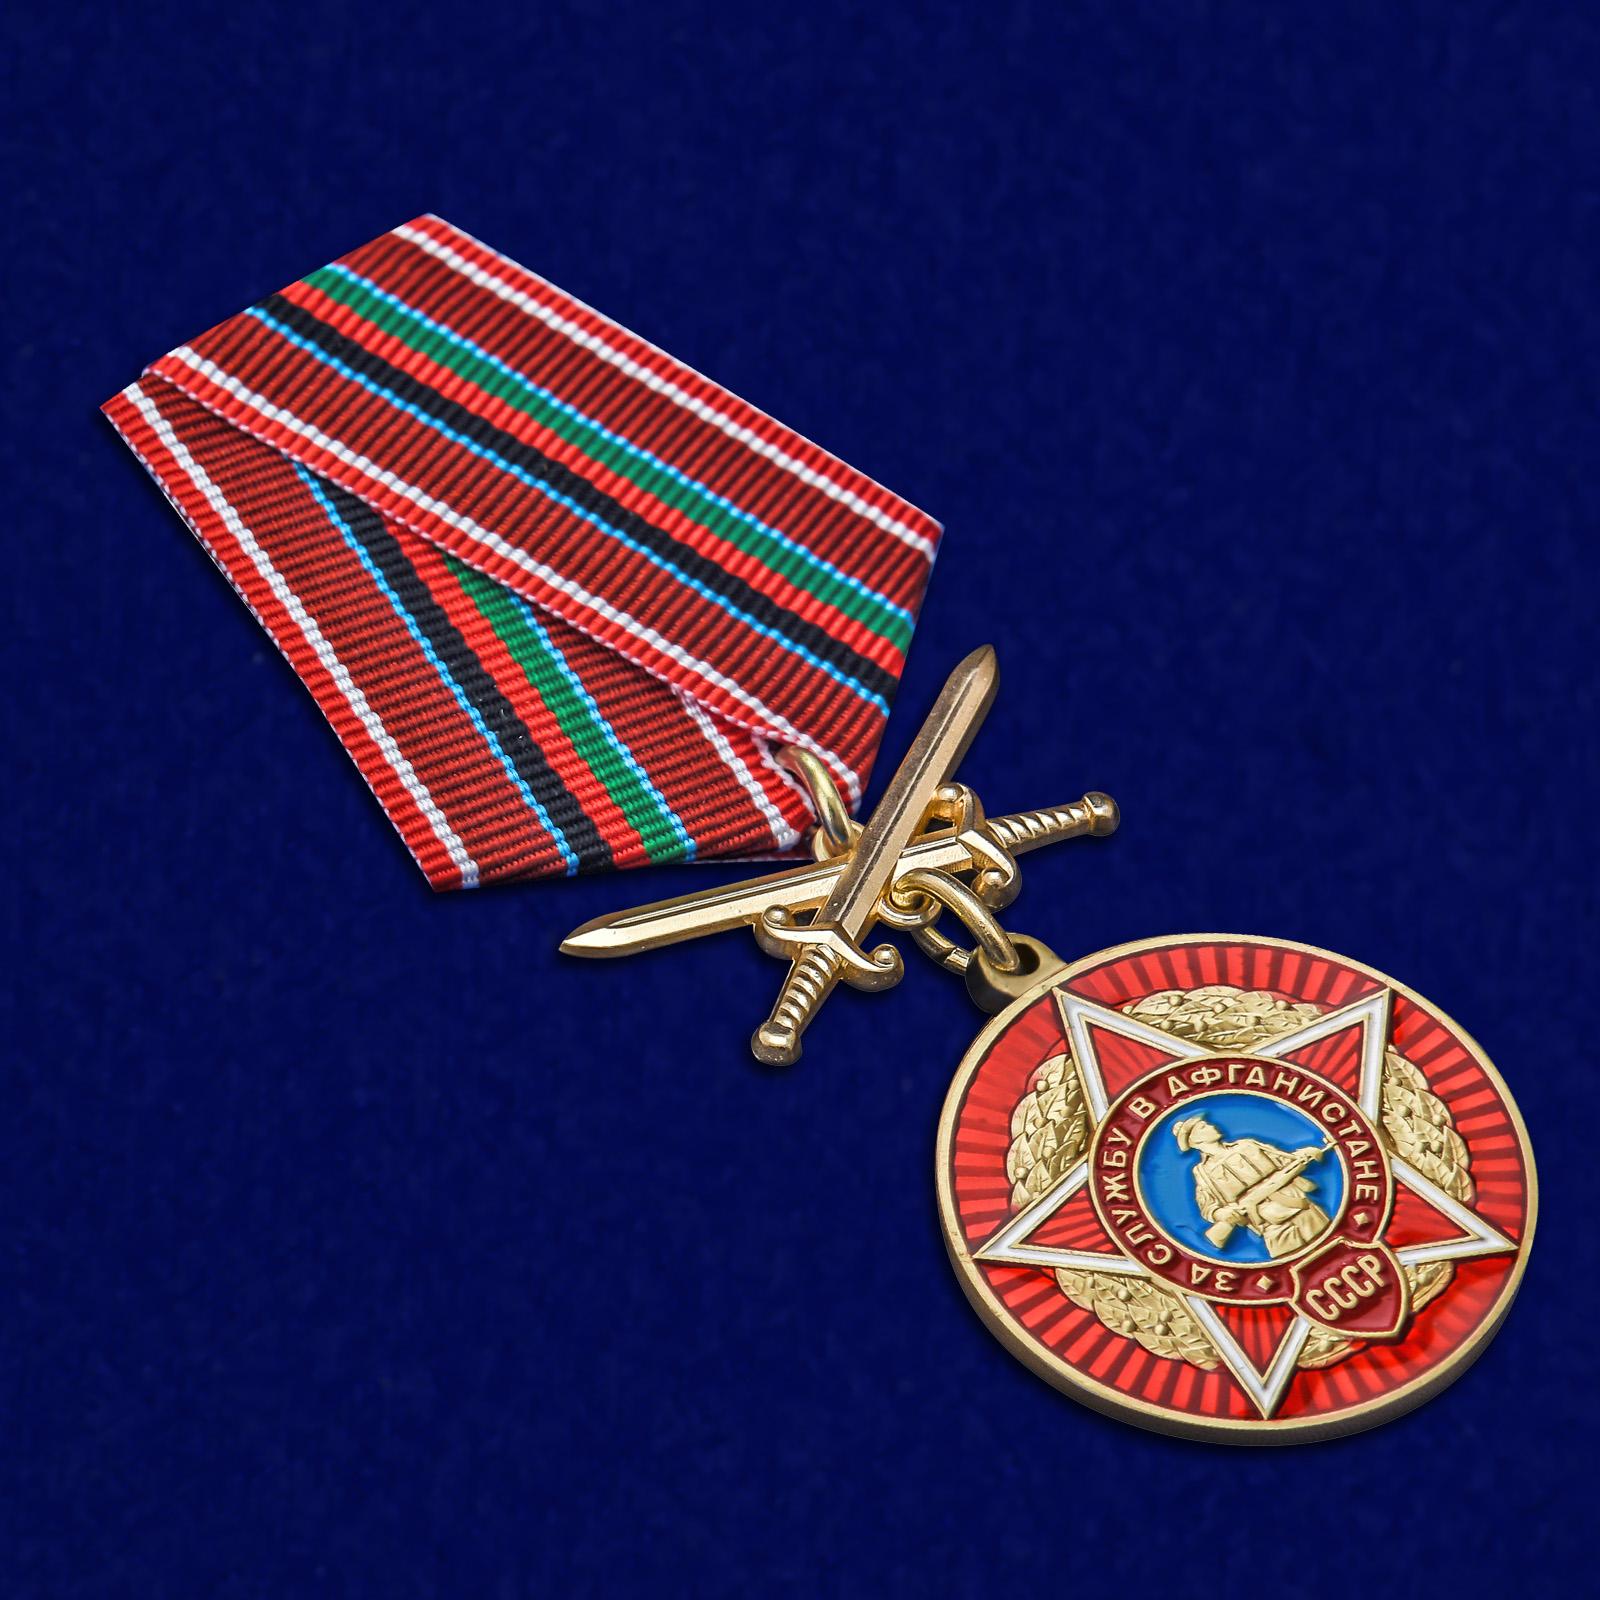 """Купить медаль """"За службу в Афганистане"""""""